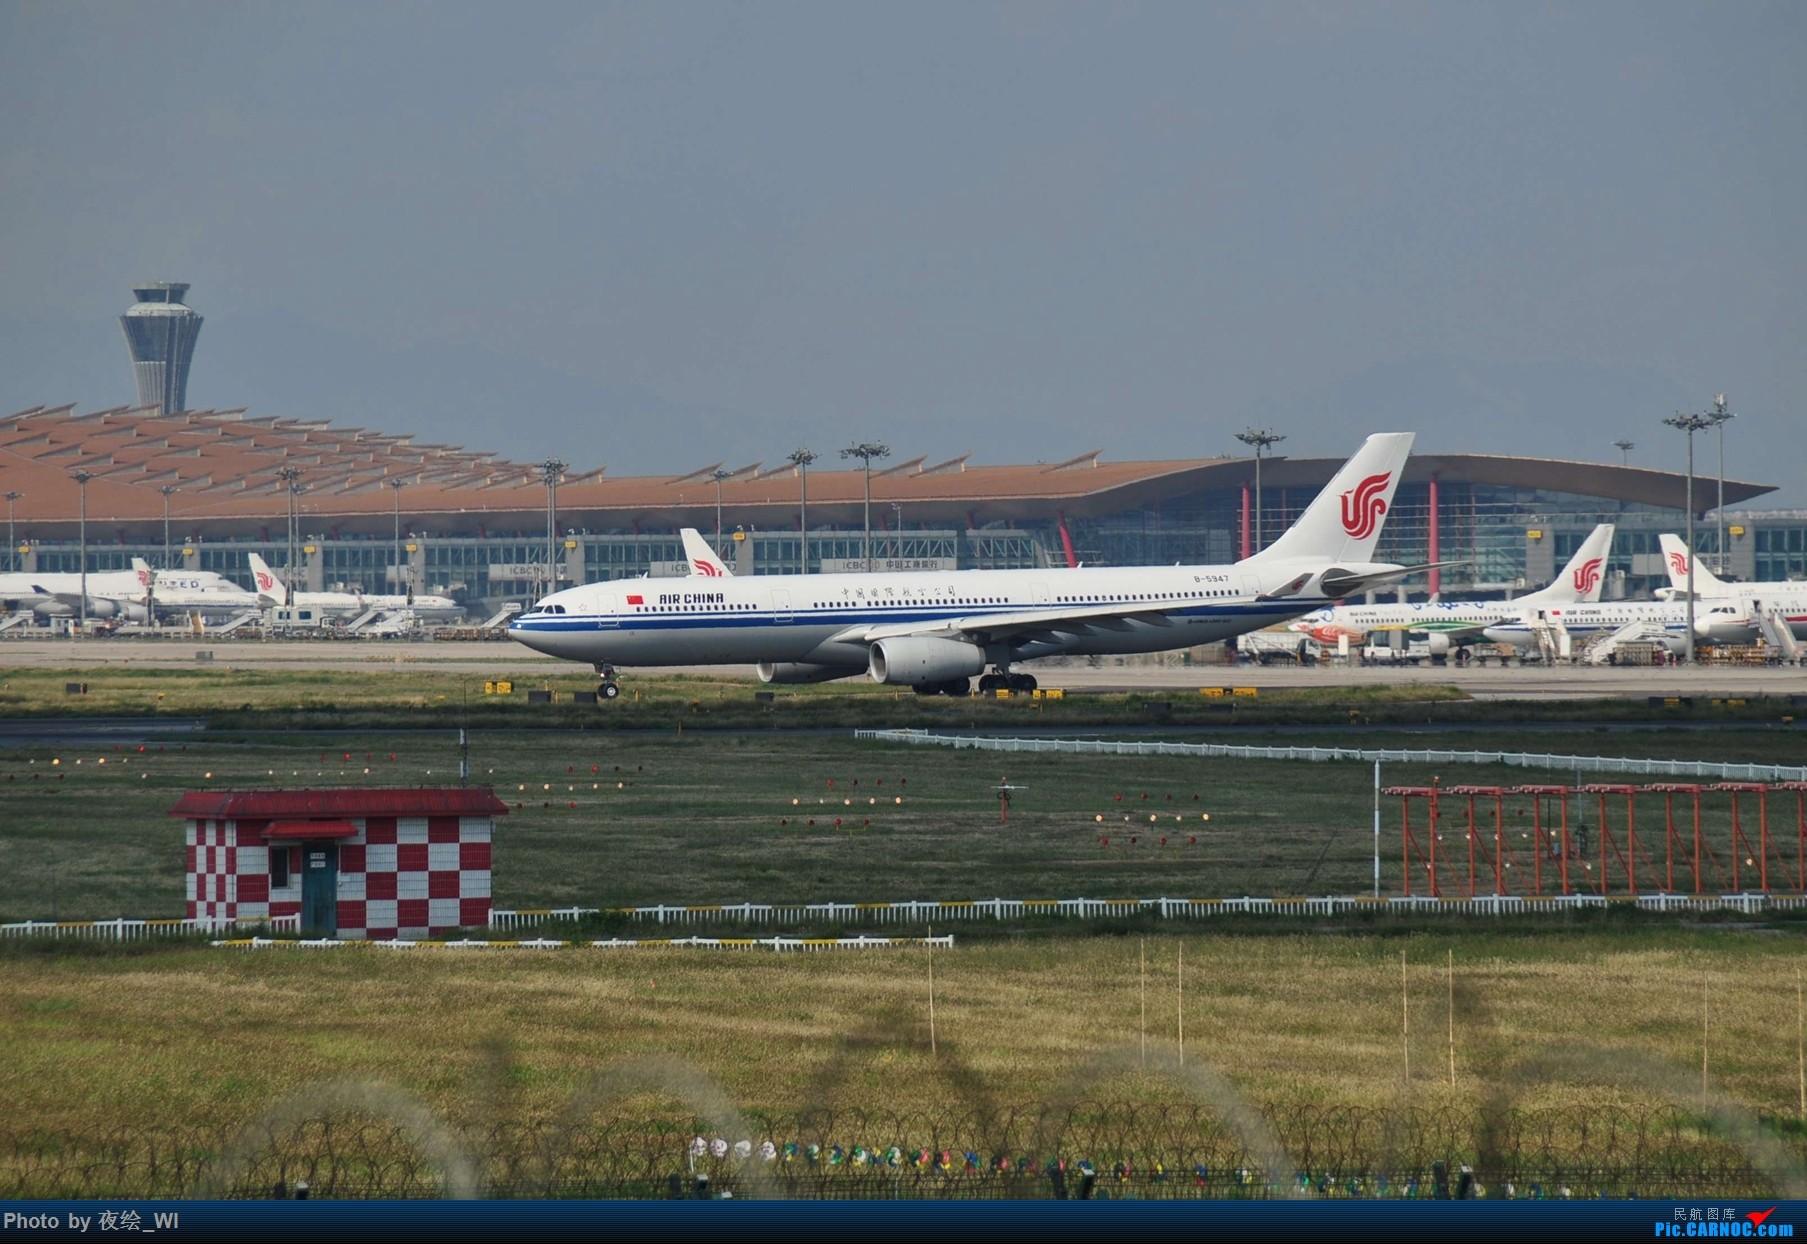 Re:[原创]【PEK】初刷八卦台,拍得飞起! AIRBUS A330-300 B-5947 中国北京首都国际机场